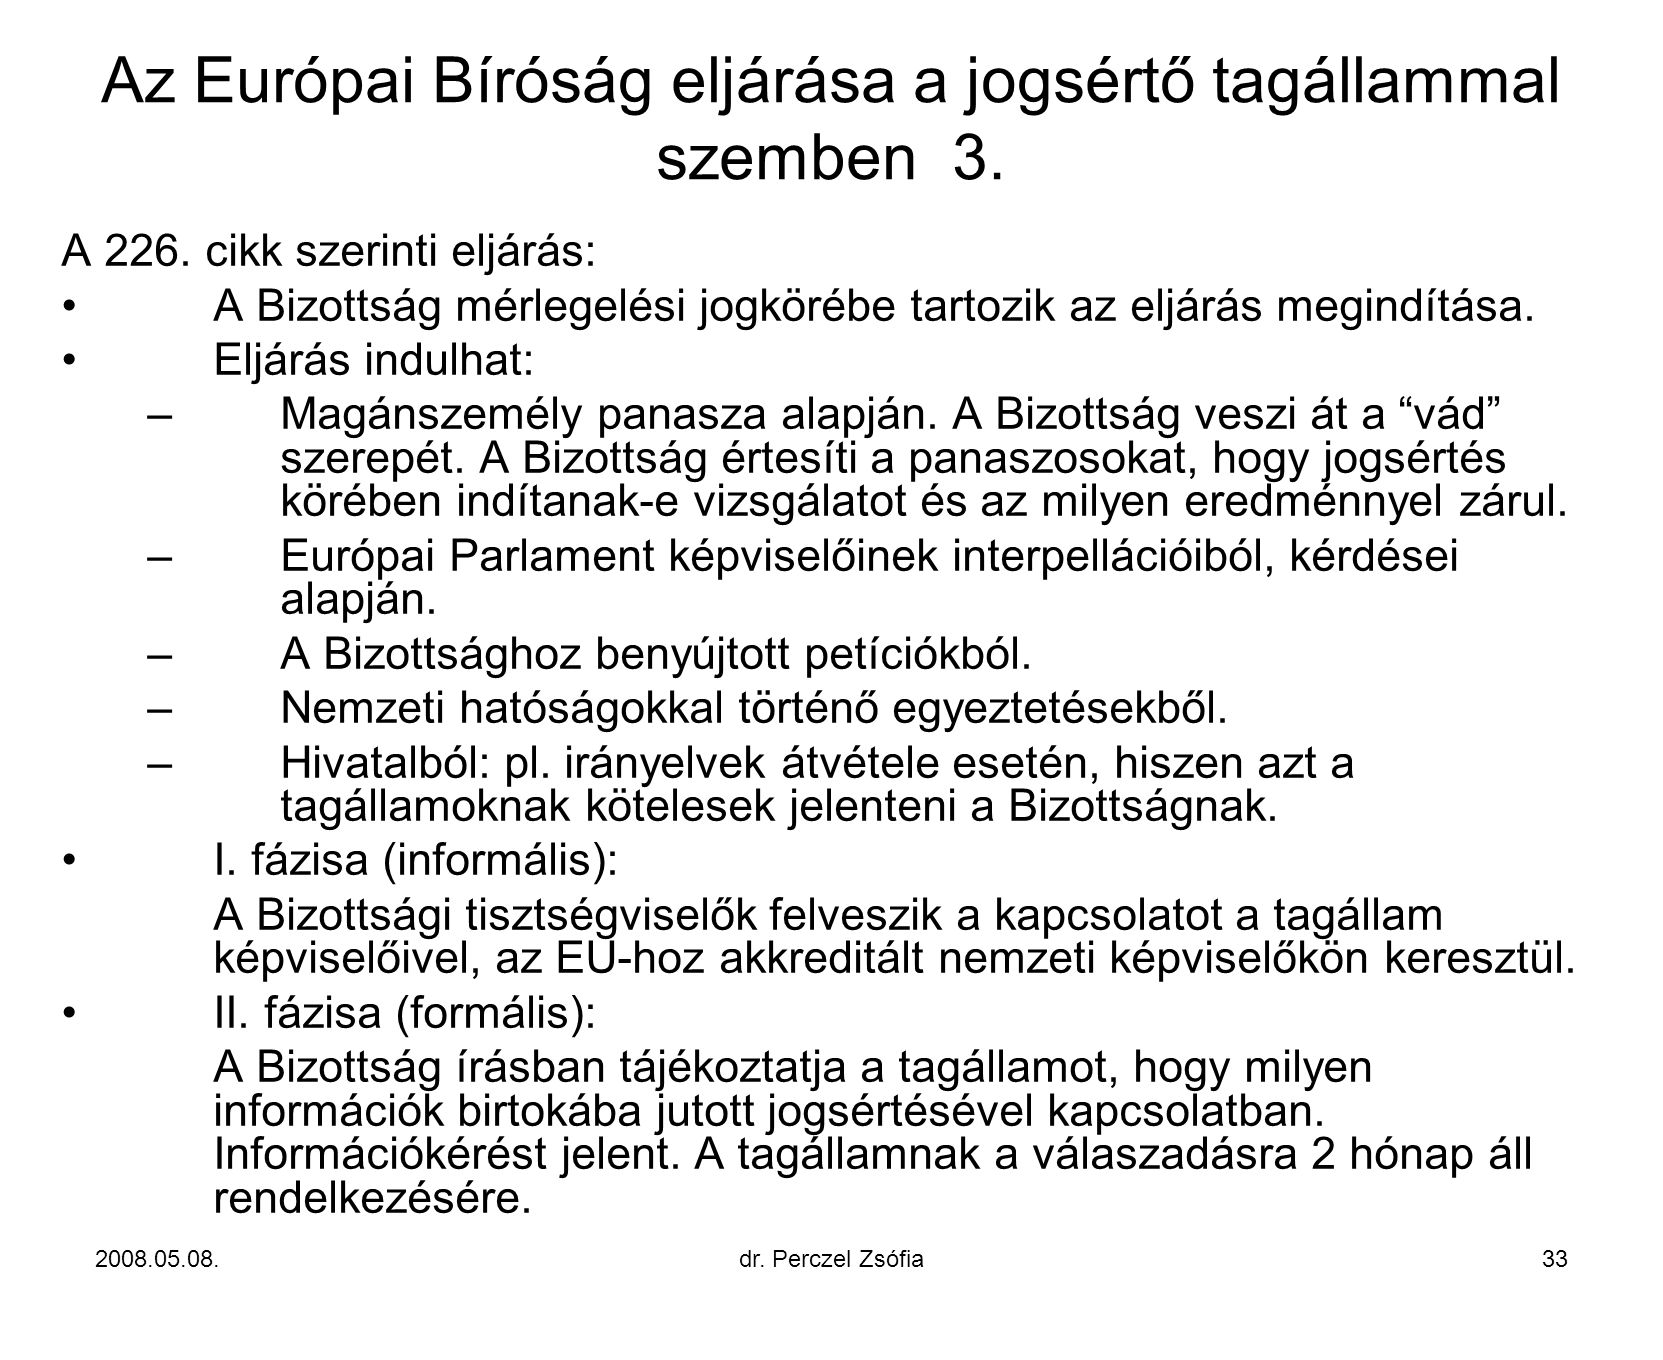 Az Európai Bíróság eljárása a jogsértő tagállammal szemben 3.